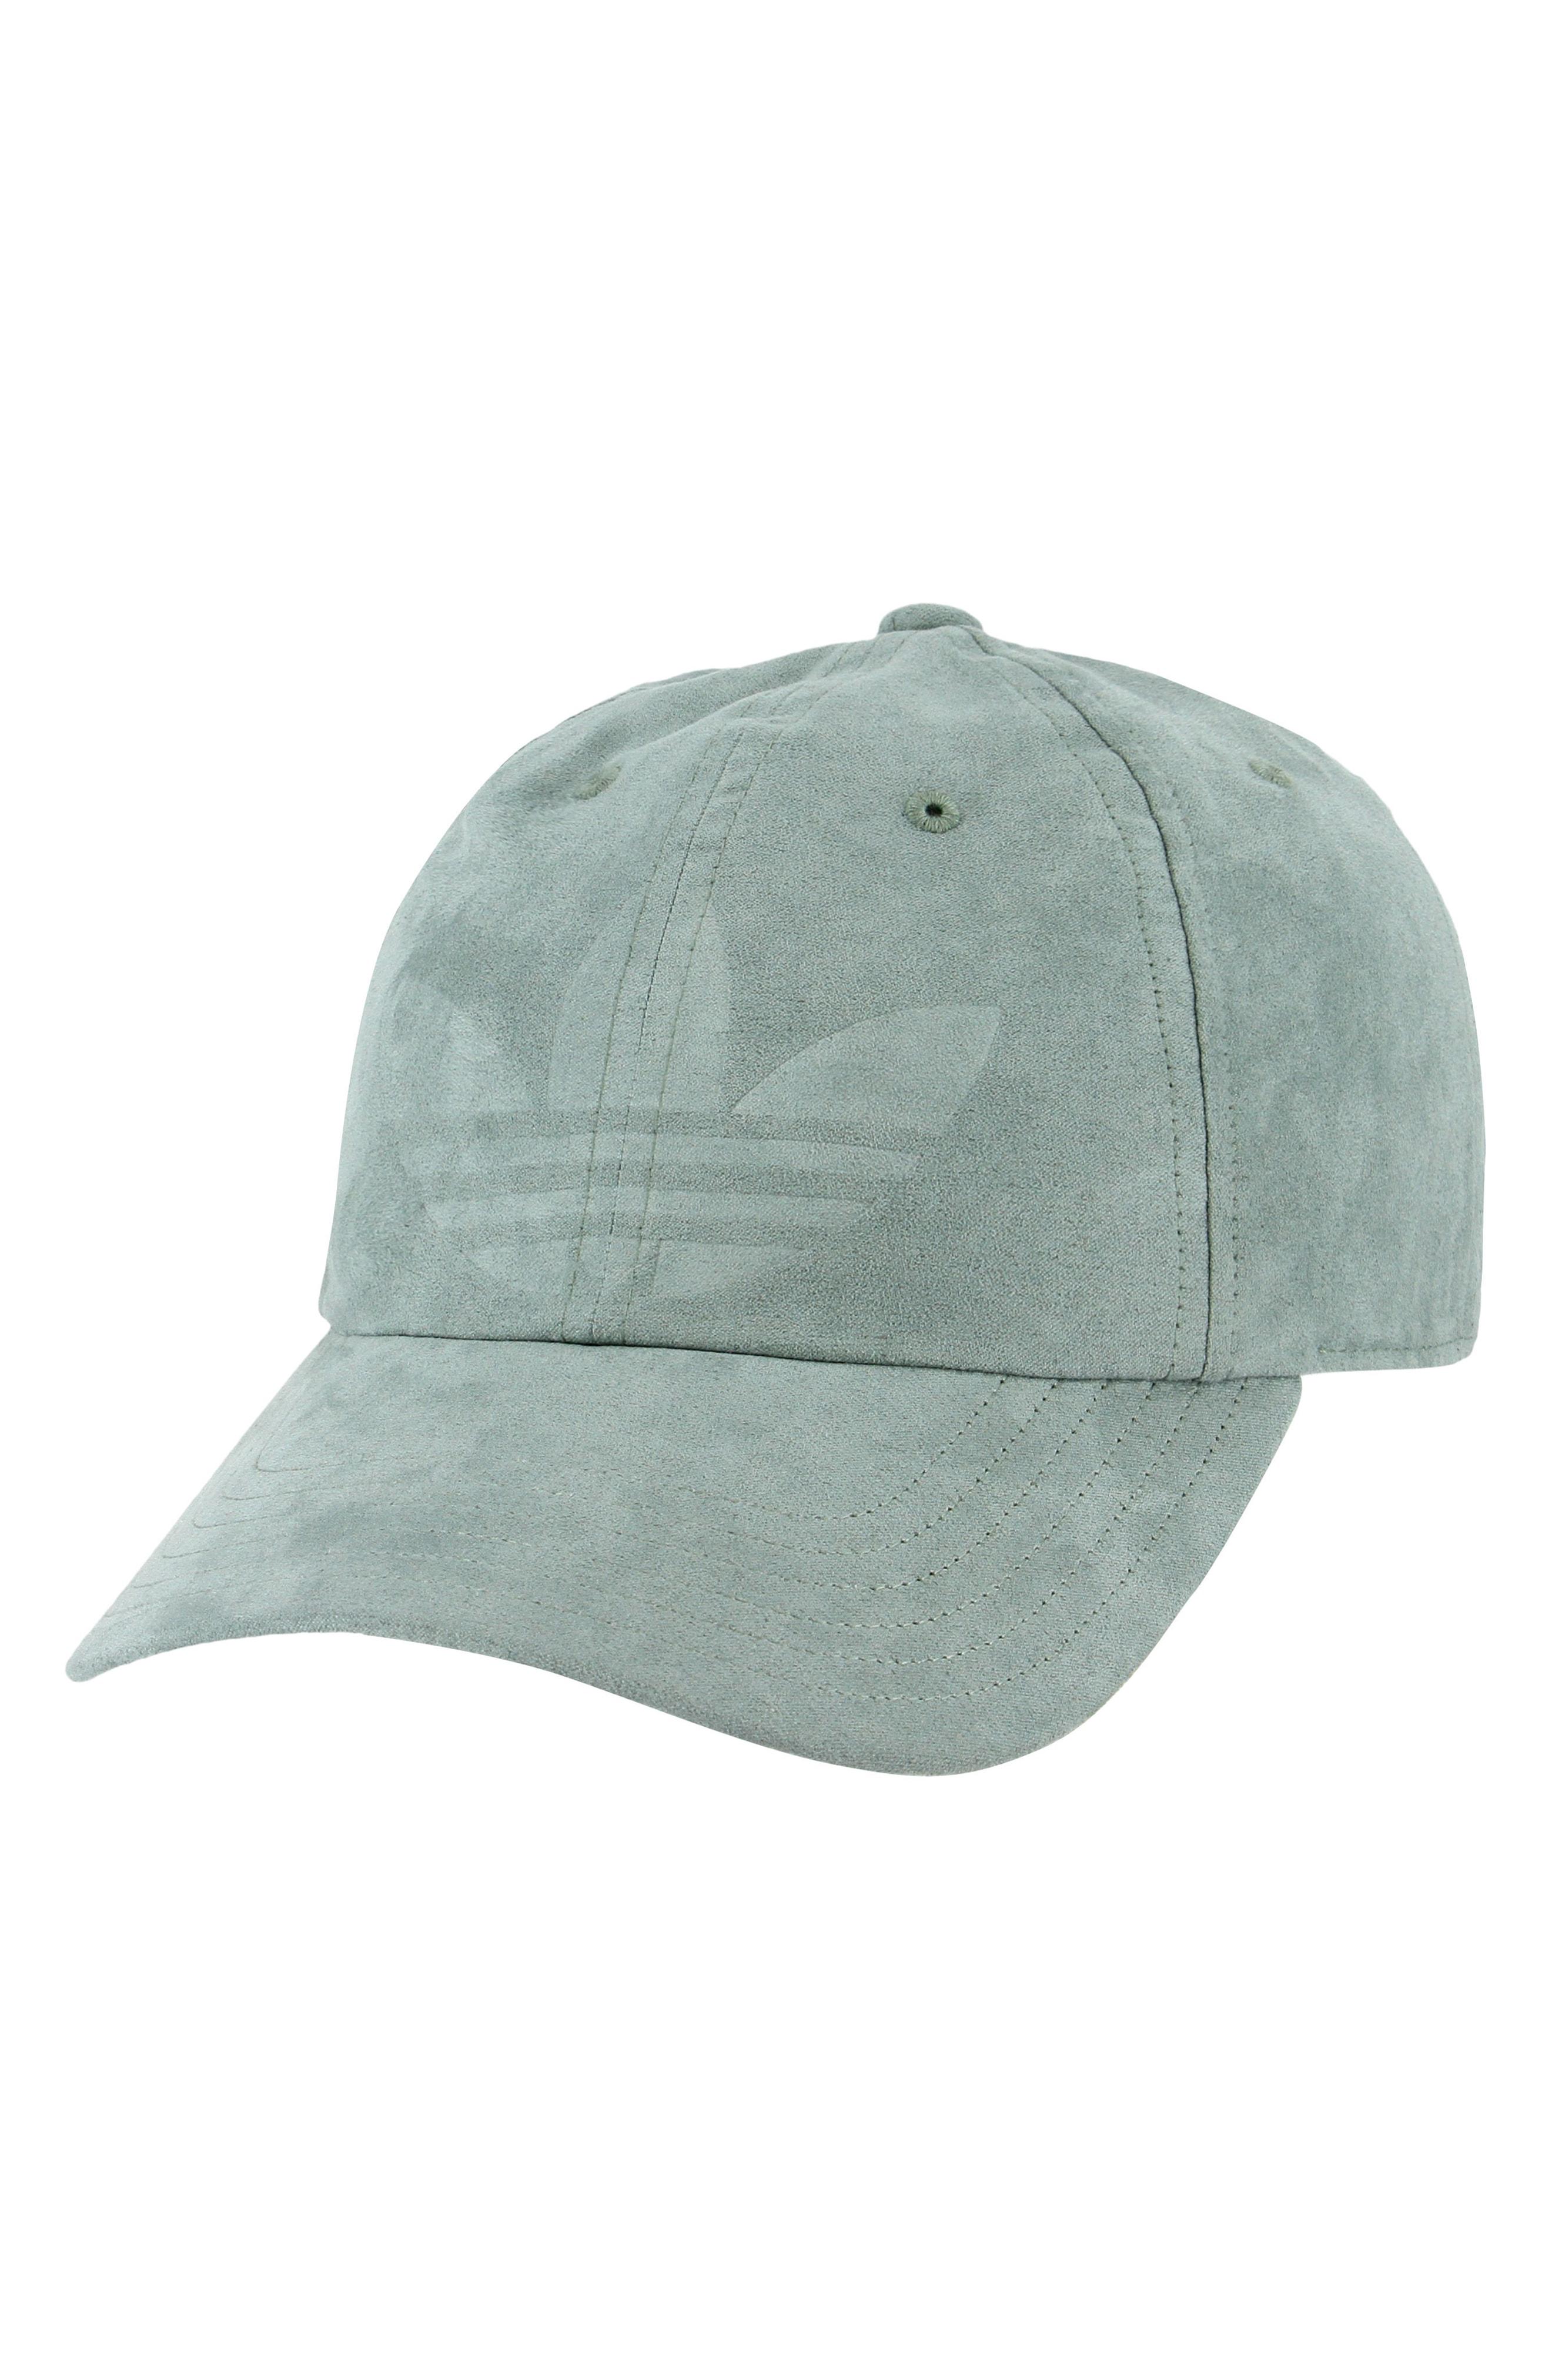 a109bde22db Adidas Originals Originals Relaxed Debossed Cap - Green In Raw Green ...